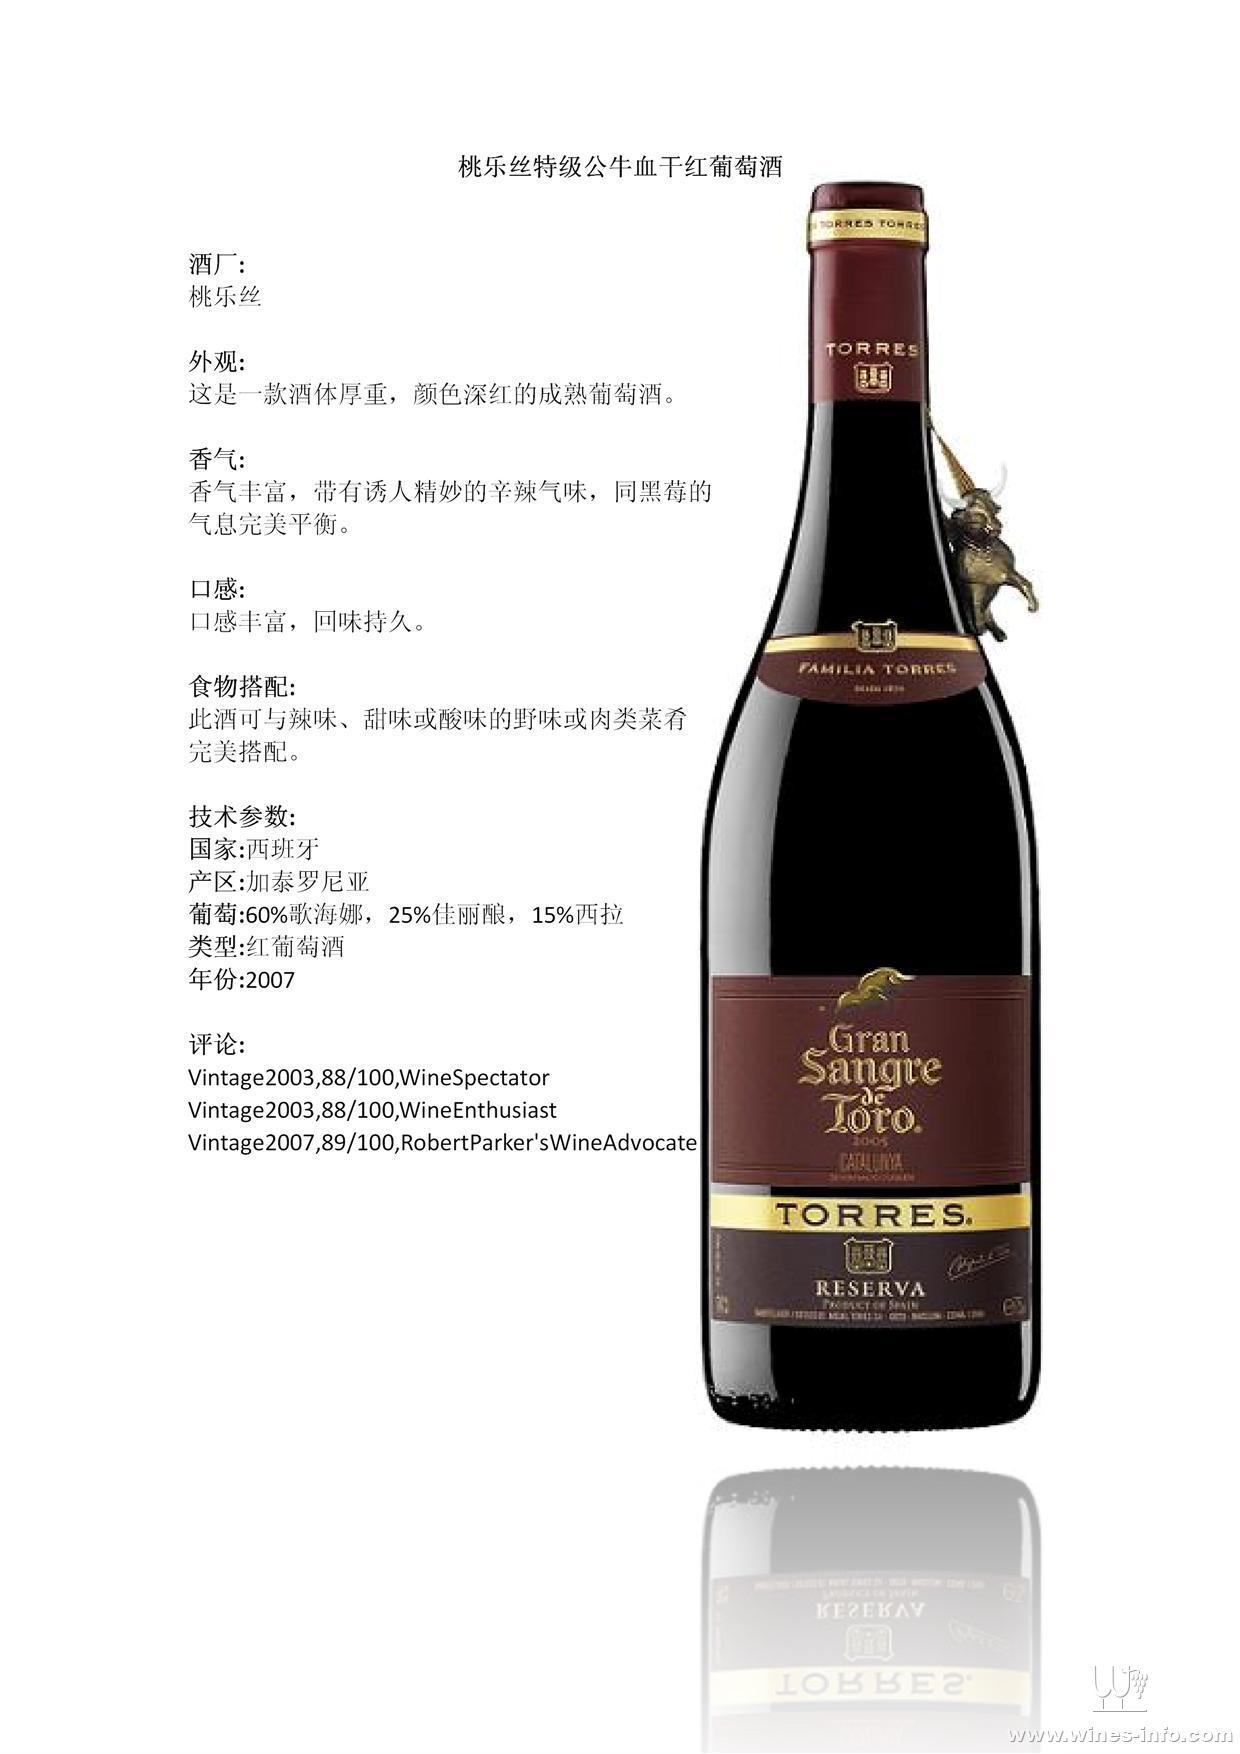 桃乐丝葡萄酒_桃乐丝特级公牛血干红葡萄酒:中国葡萄酒资讯网(www.winesinfo.com)